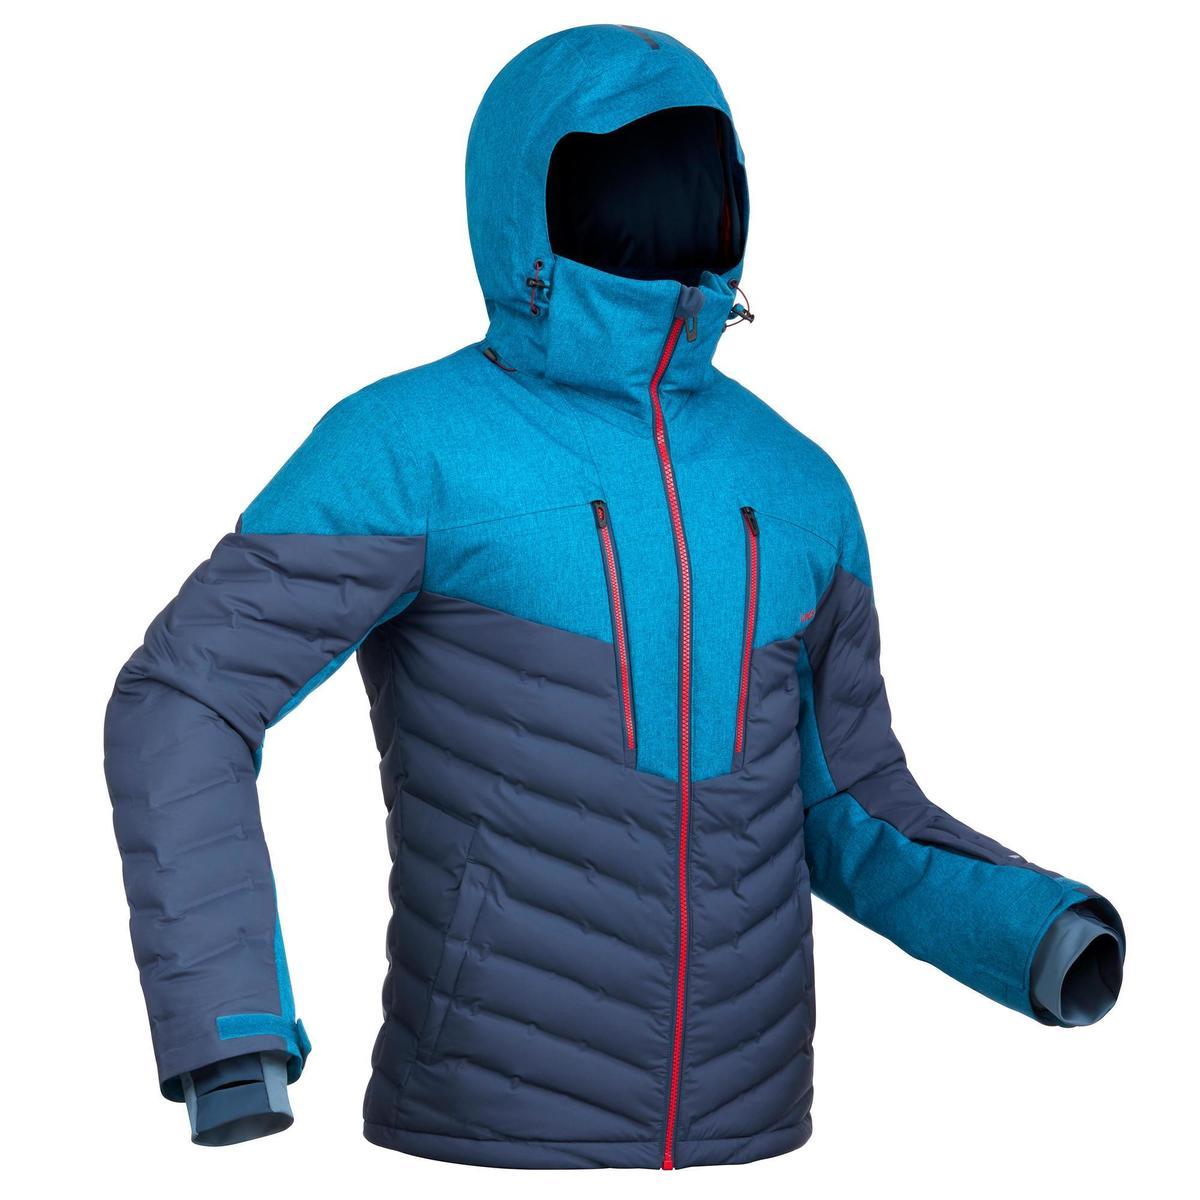 Bild 1 von Skijacke Piste 900 Warm Herren marineblau